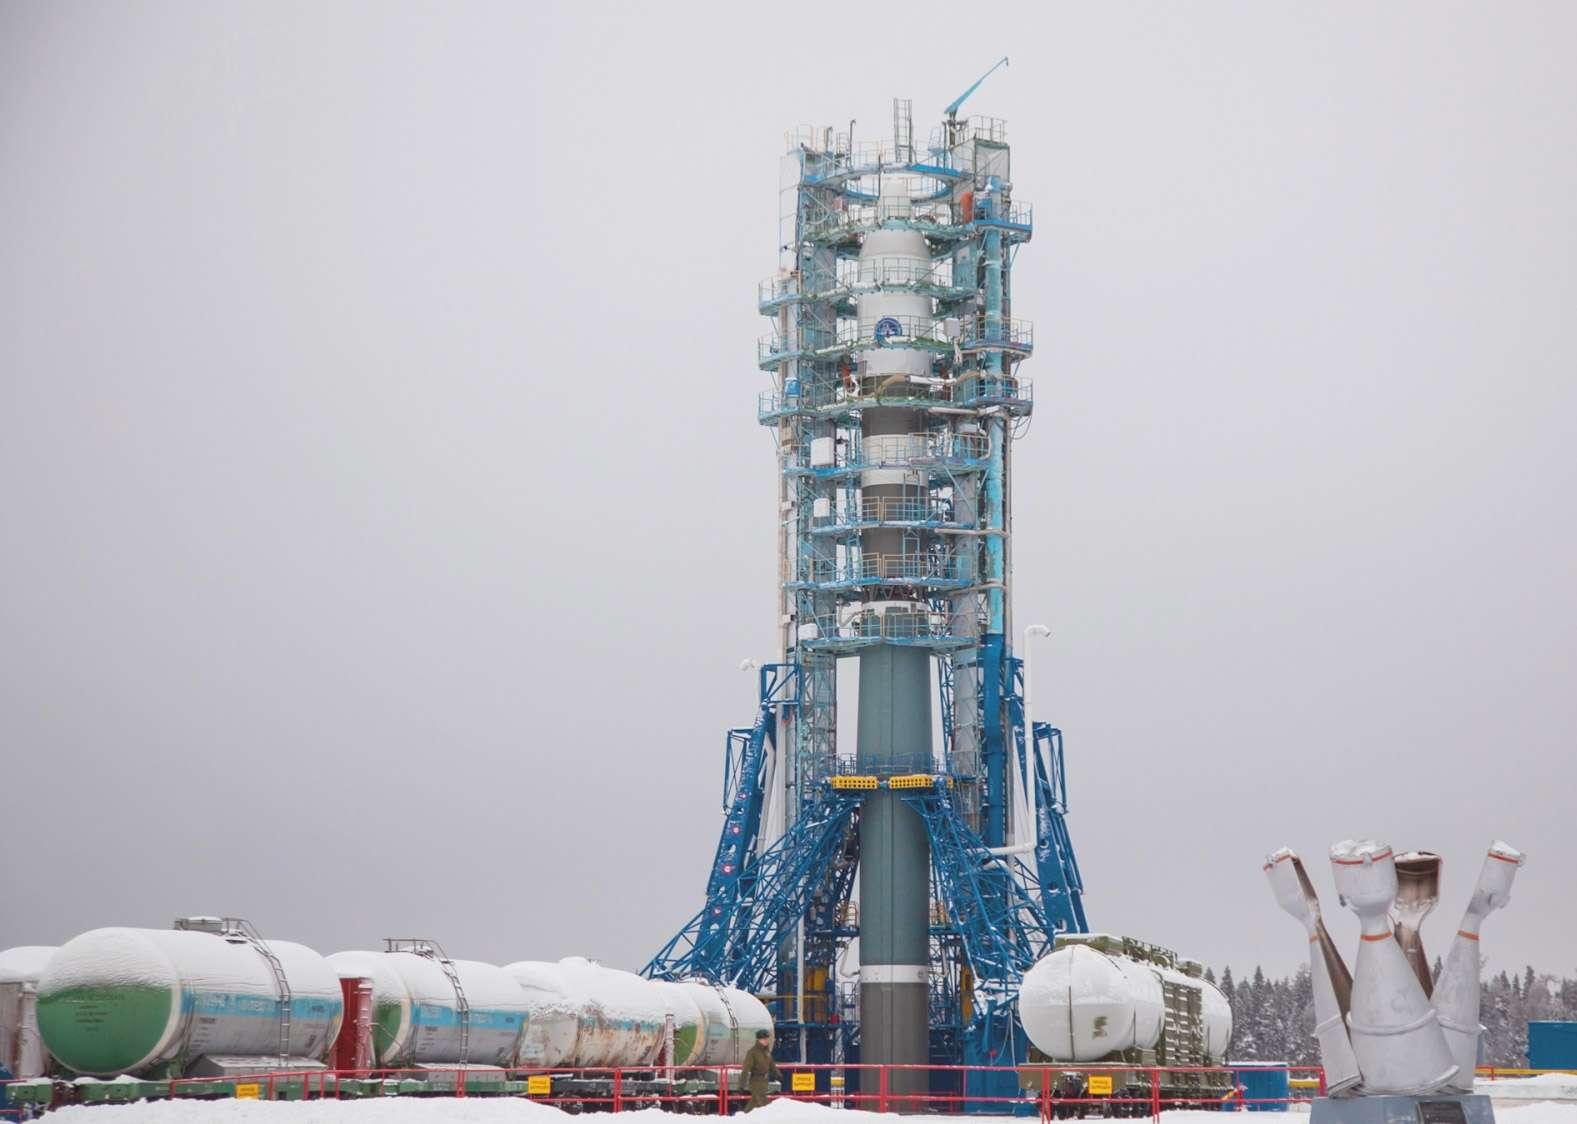 Le nouveau lanceur de la famille Soyouz. Cette version, ici vue sur son pas de tir du cosmodrome de Plessetsk, vient d'effectuer son premier vol d'essai. © TsSKB Progress